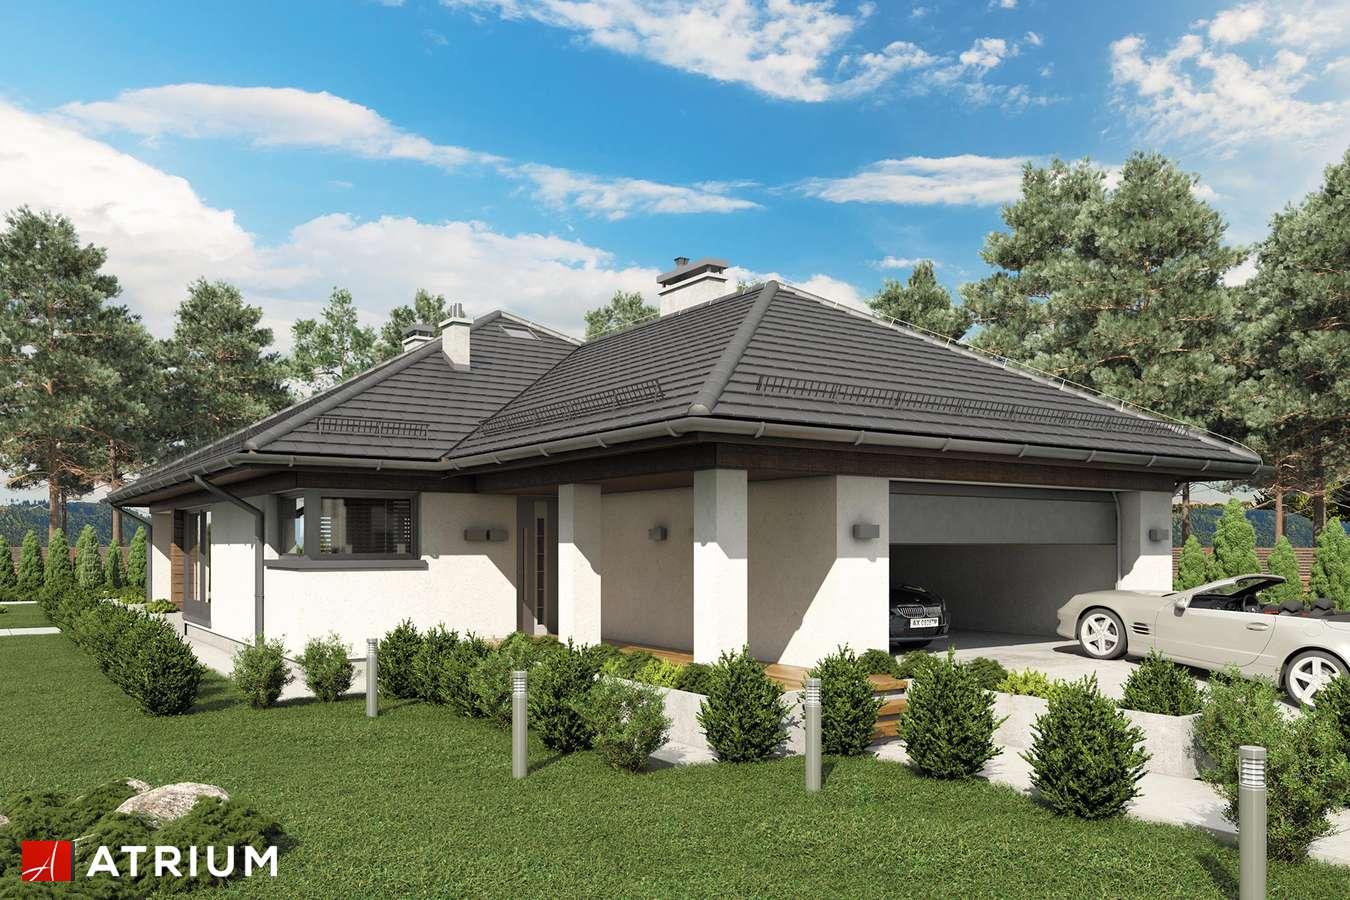 Projekty domów - Projekt domu parterowego MORGAN II - wizualizacja 1